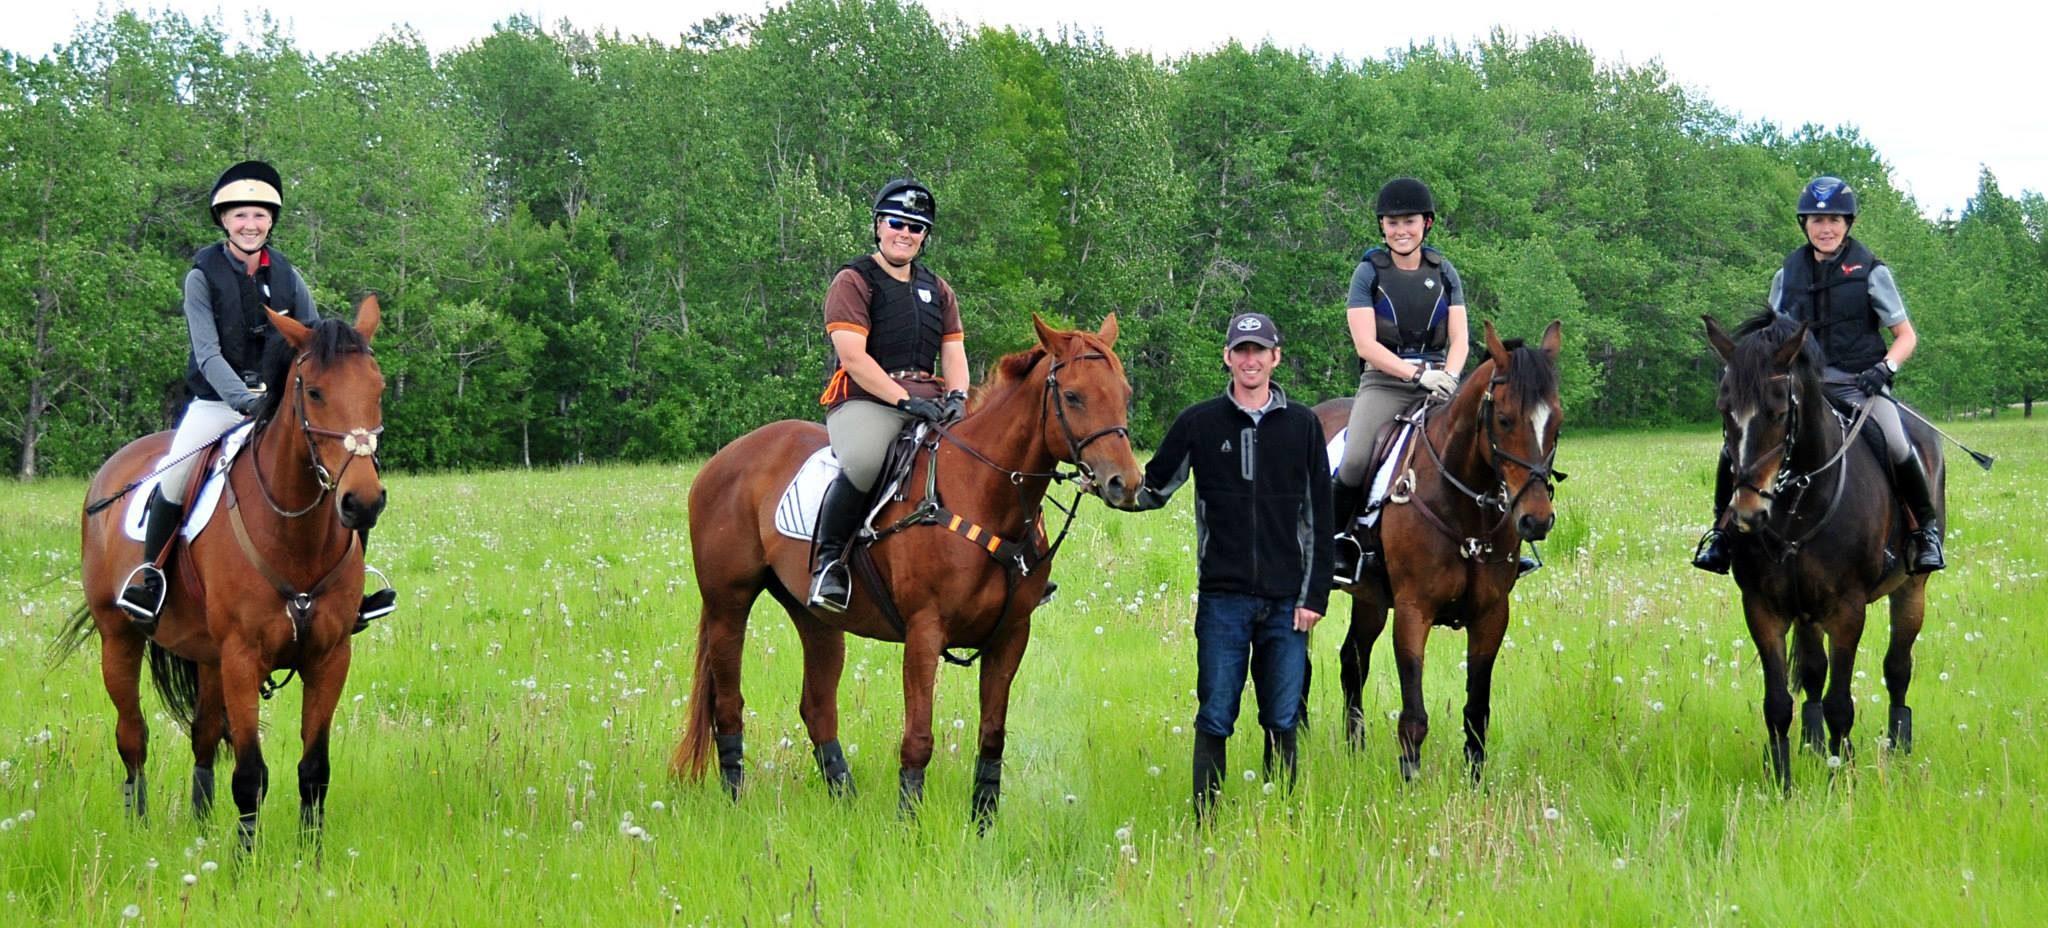 Alberta Horse Trials Association